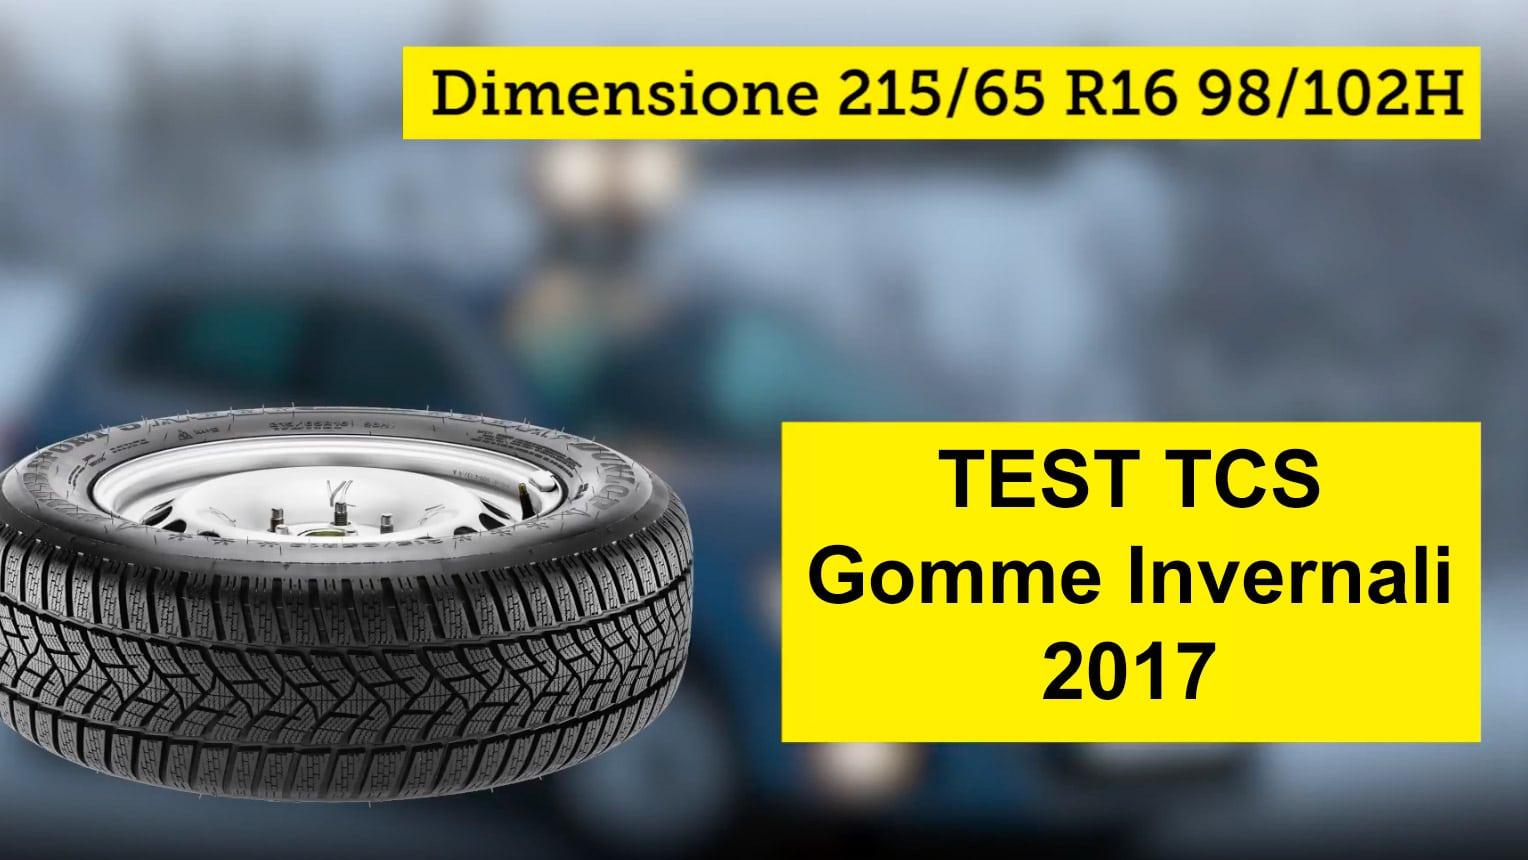 Test 2017 Pneumatici Invernali TCS: 215/65 R16 98/102H